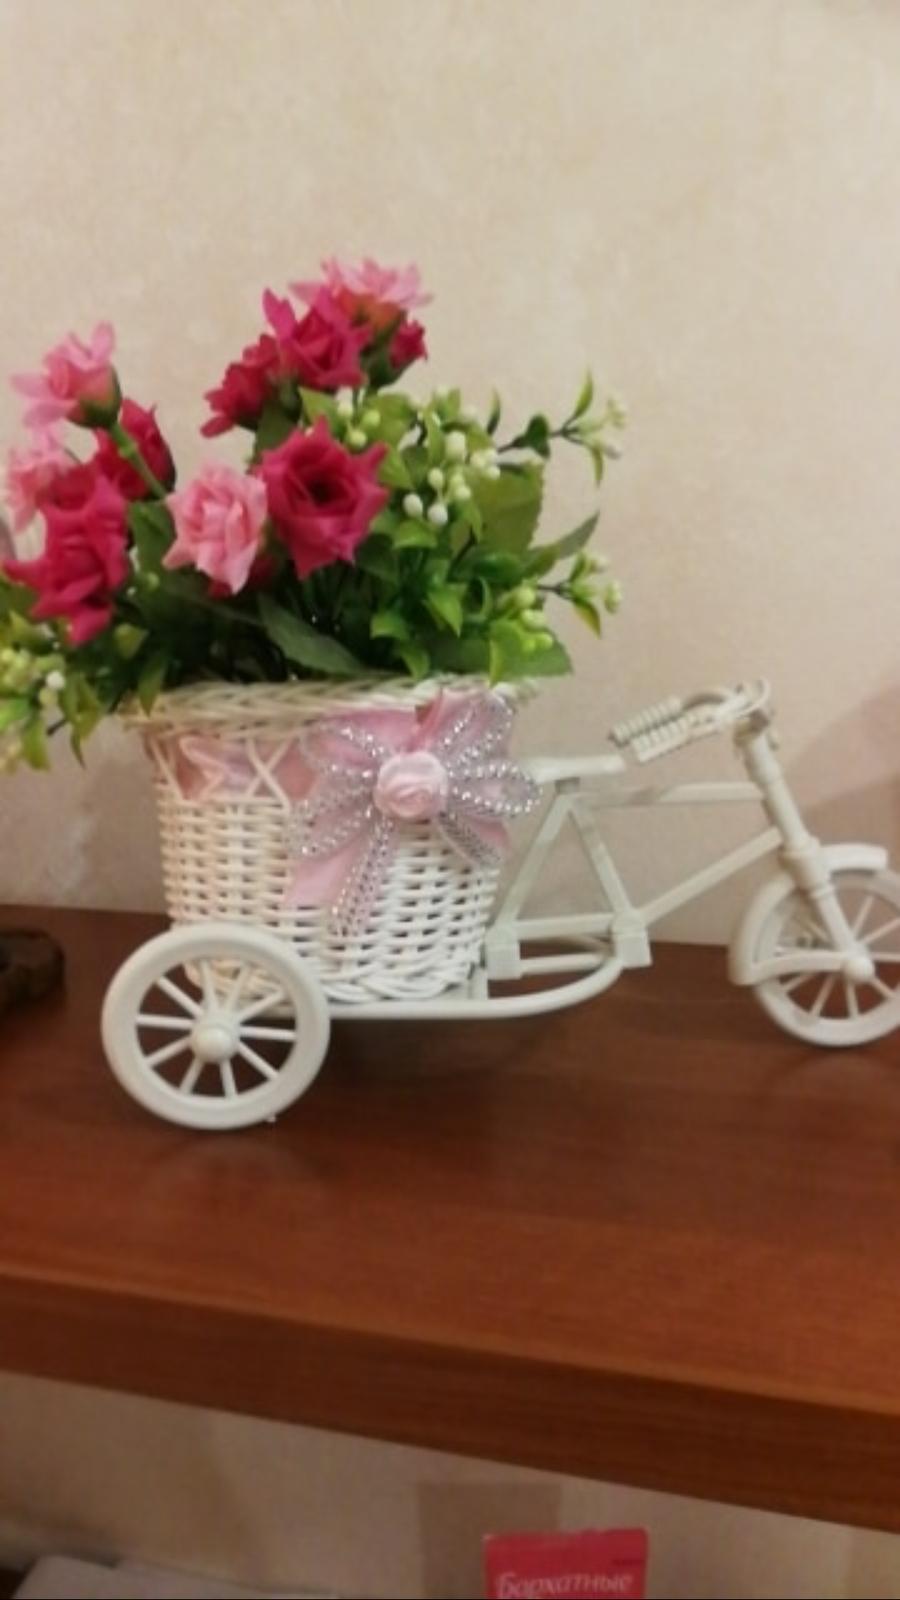 Bicykel dekoracia (napr na kvietky) - Obrázok č. 1